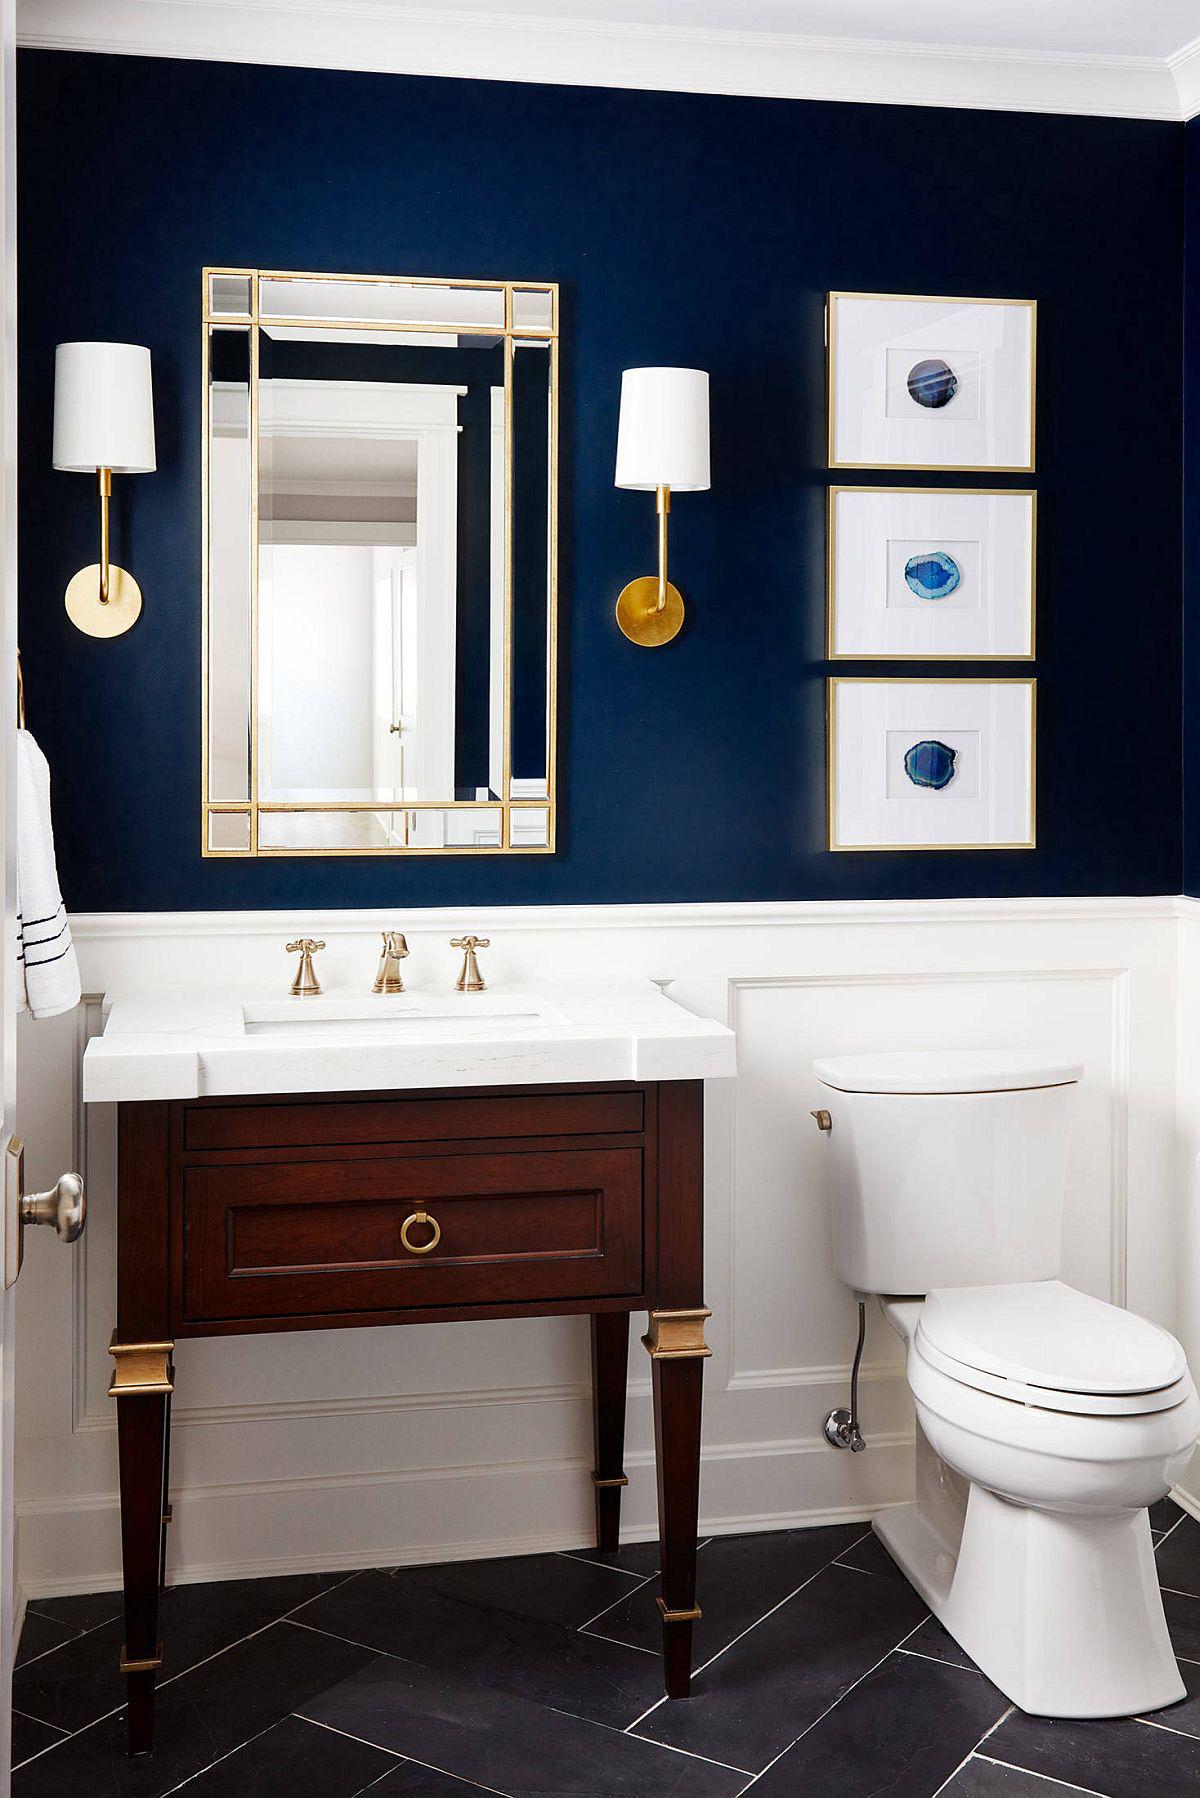 Xu hướng phòng tắm cho năm 2020: 25 ý tưởng và cảm hứng cho năm mới - Ảnh 2.